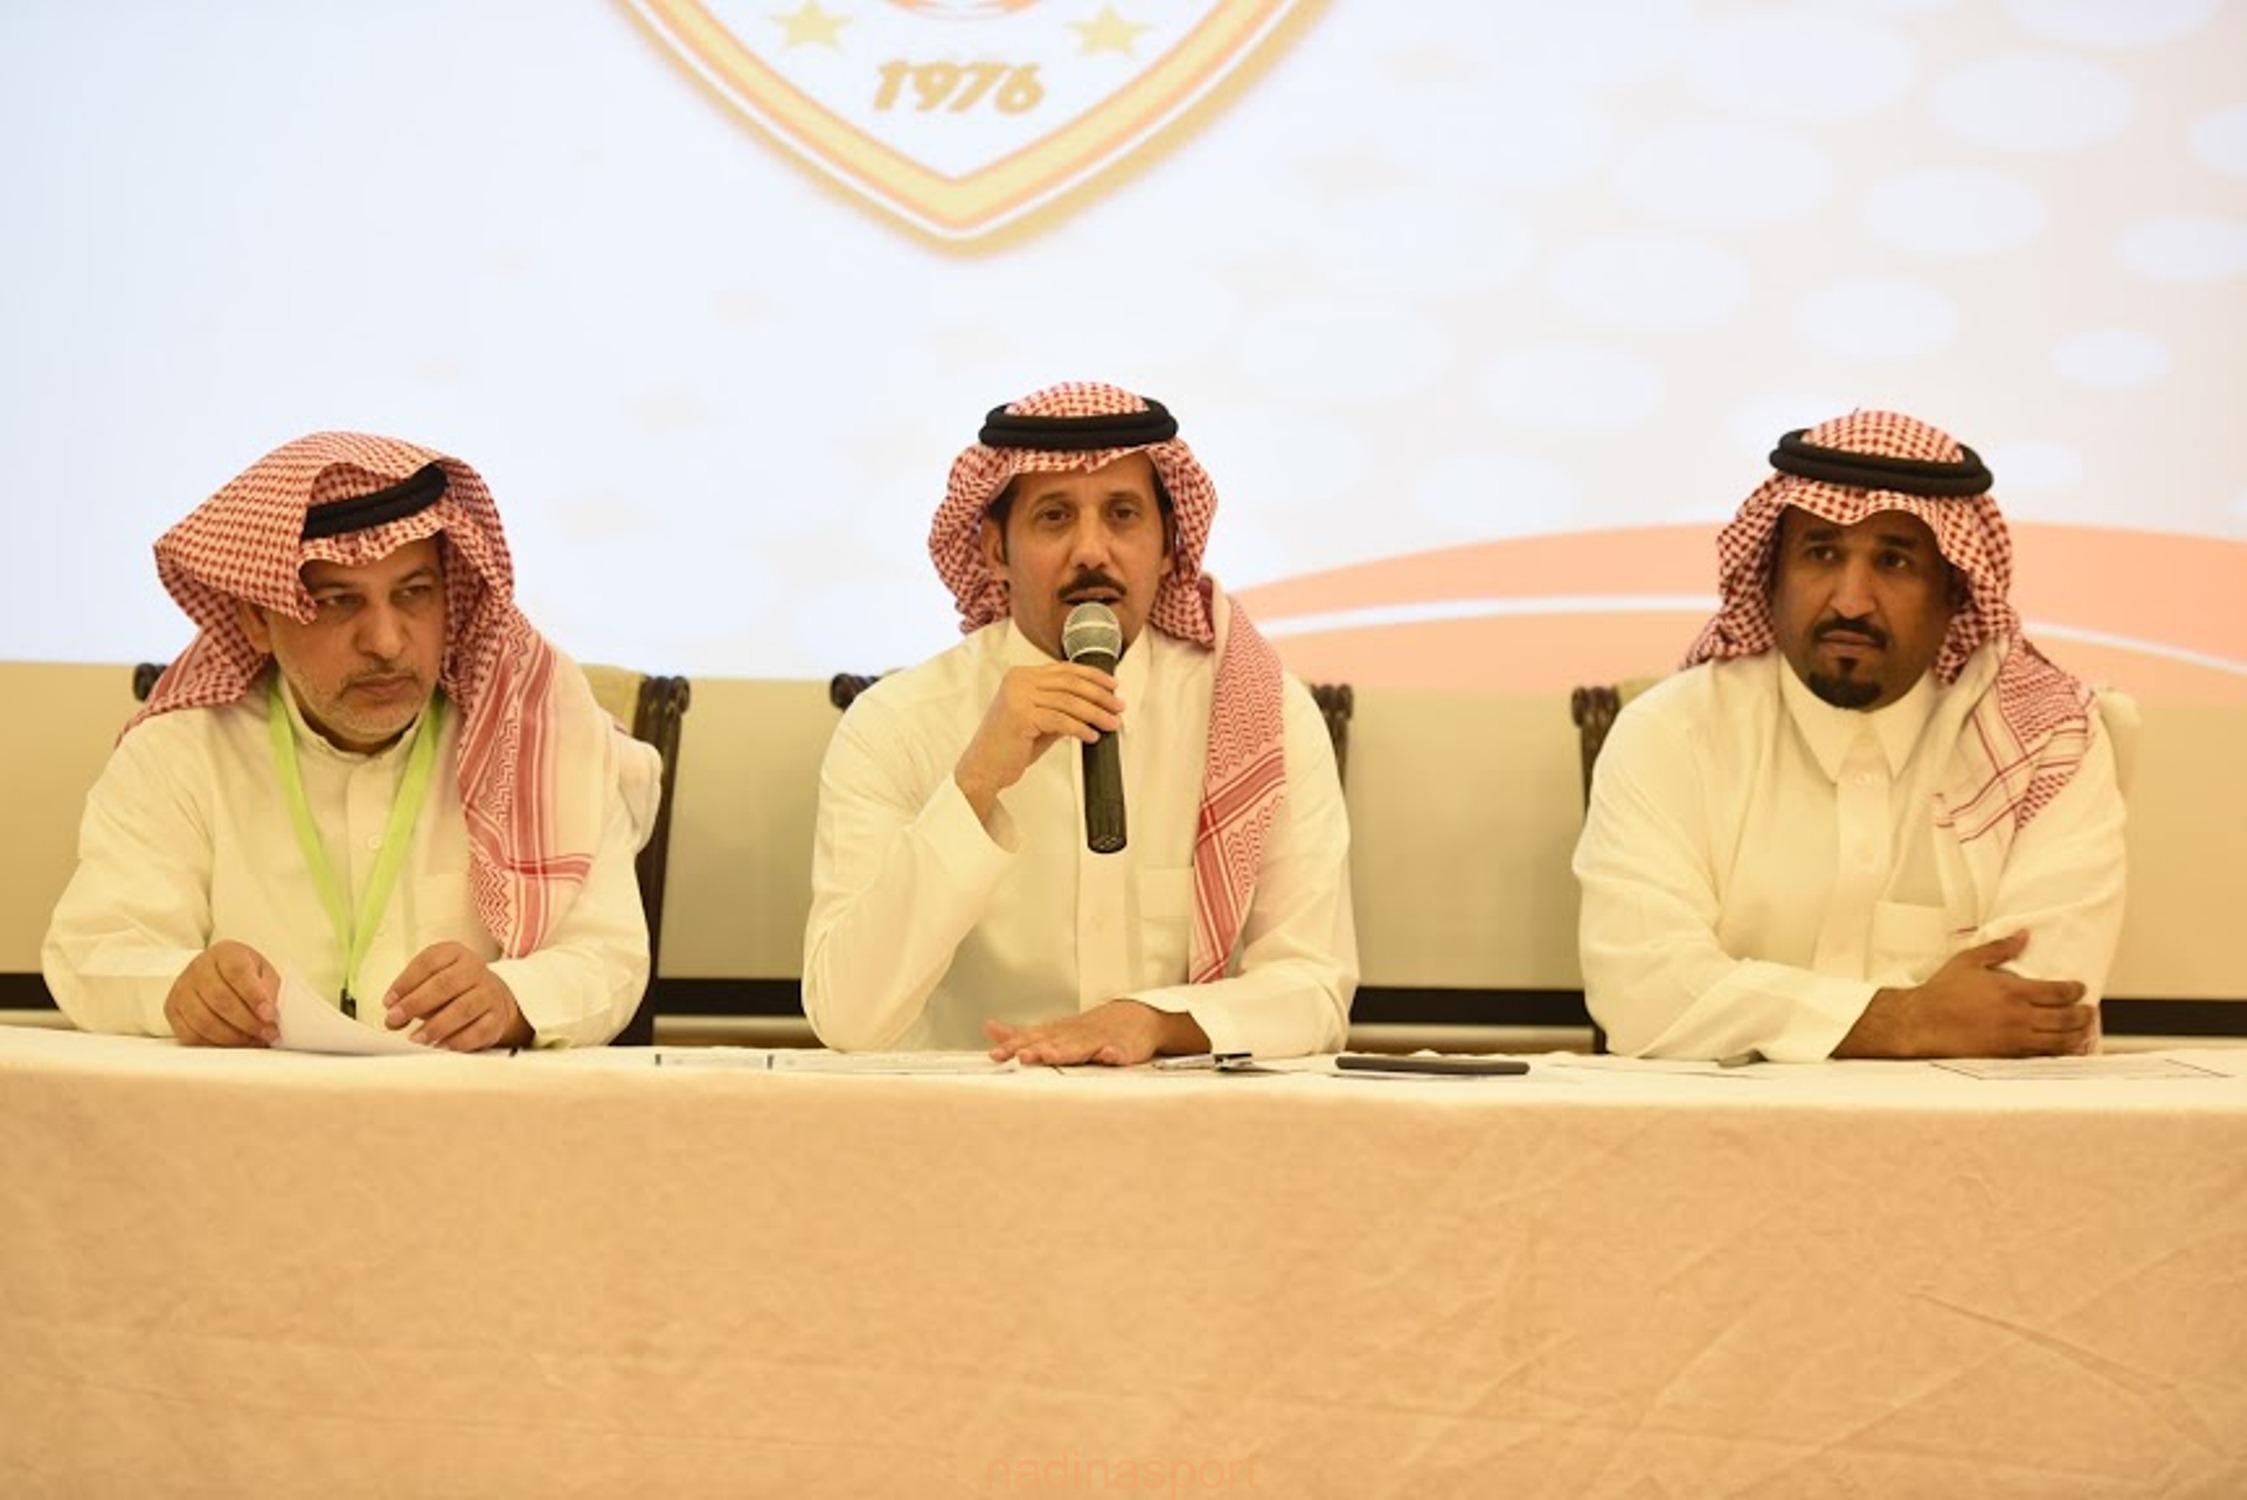 نادي النجوم يعقد المؤتمر الأول بحضور نخبة الإعلاميين بالمحافظة